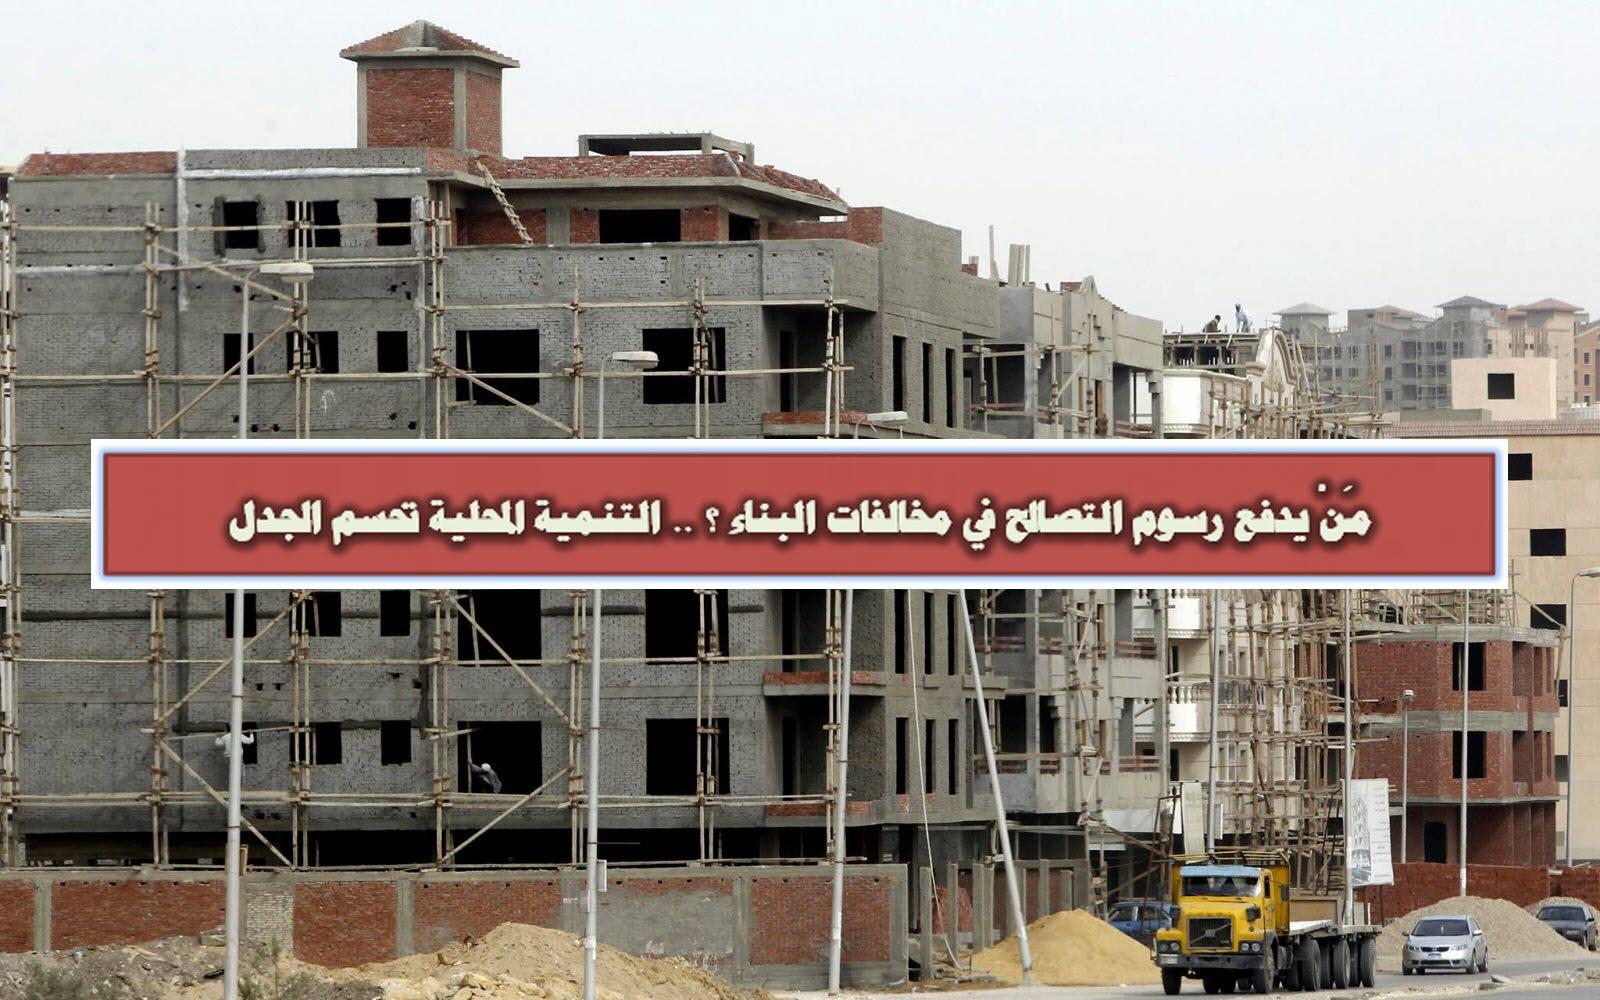 مَنْ يدفع رسوم التصالح في مخالفات البناء ؟ .. التنمية المحلية تحسم الجدل